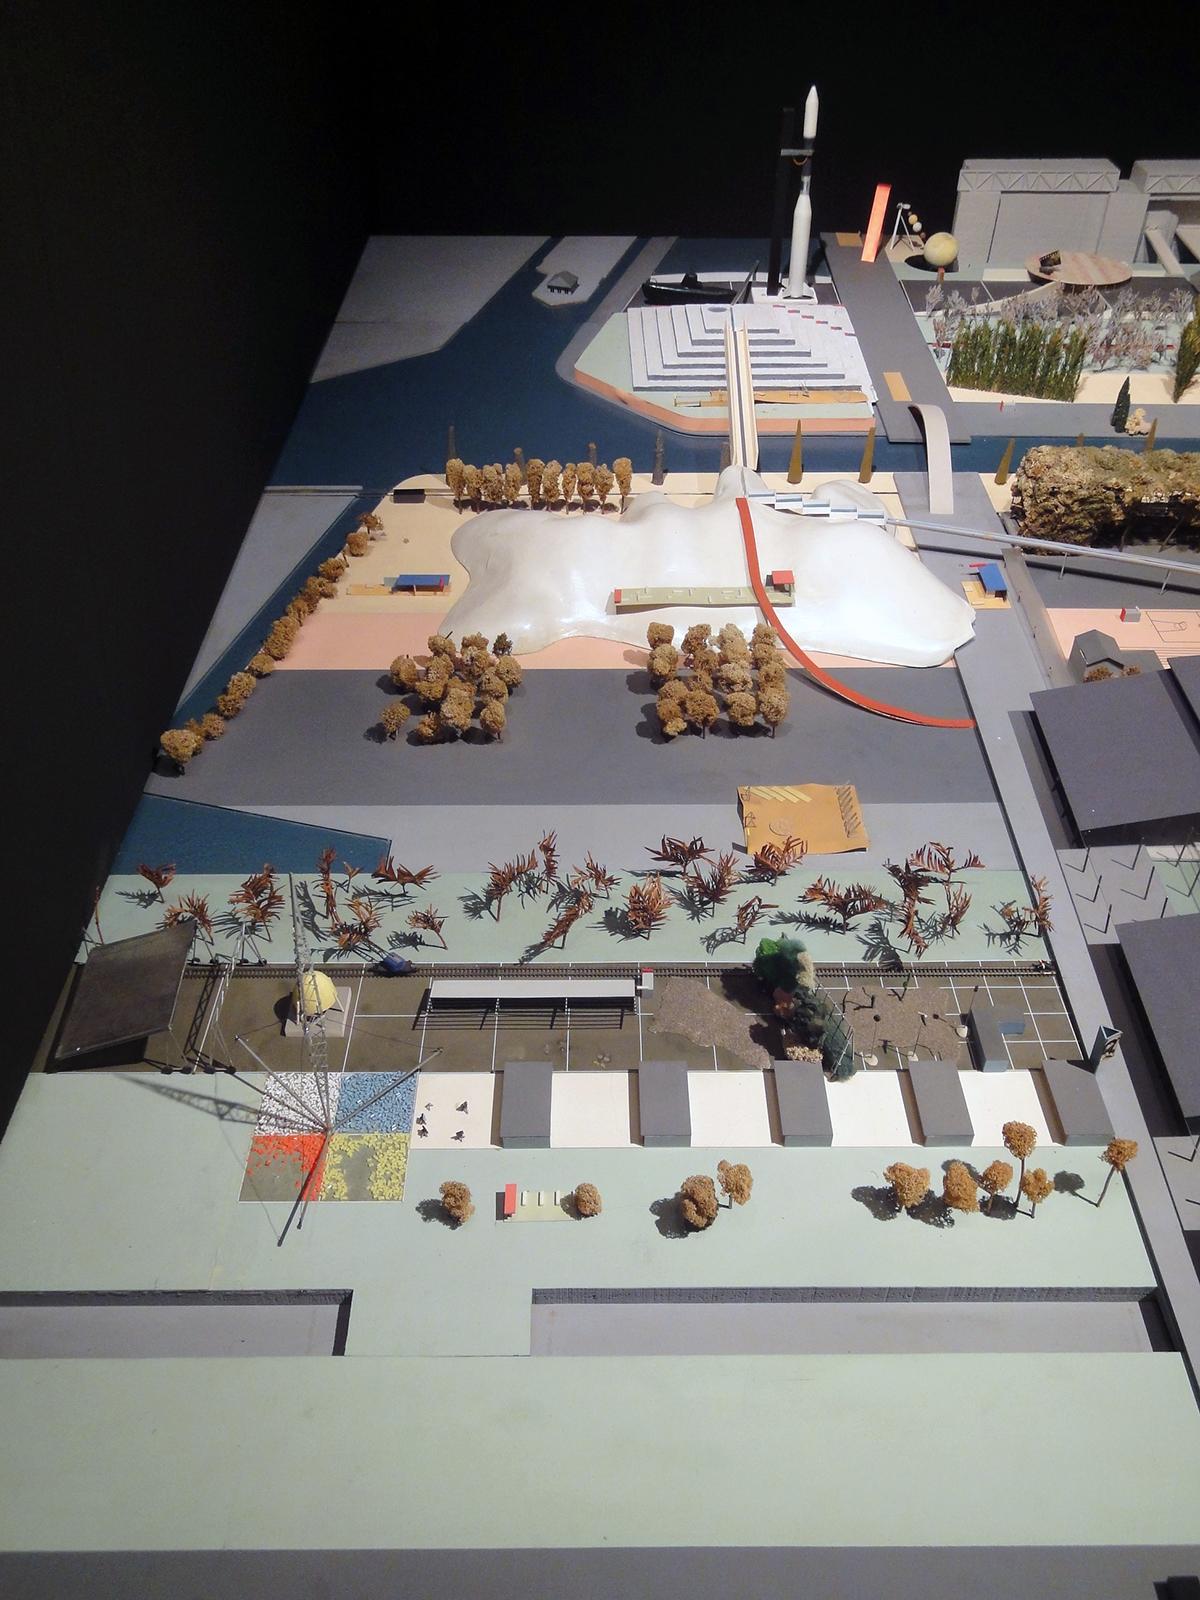 Oma Parc De La Villette Diagram Electric Furnace Factorio Human 39s Scribbles More Than Craftsmanship